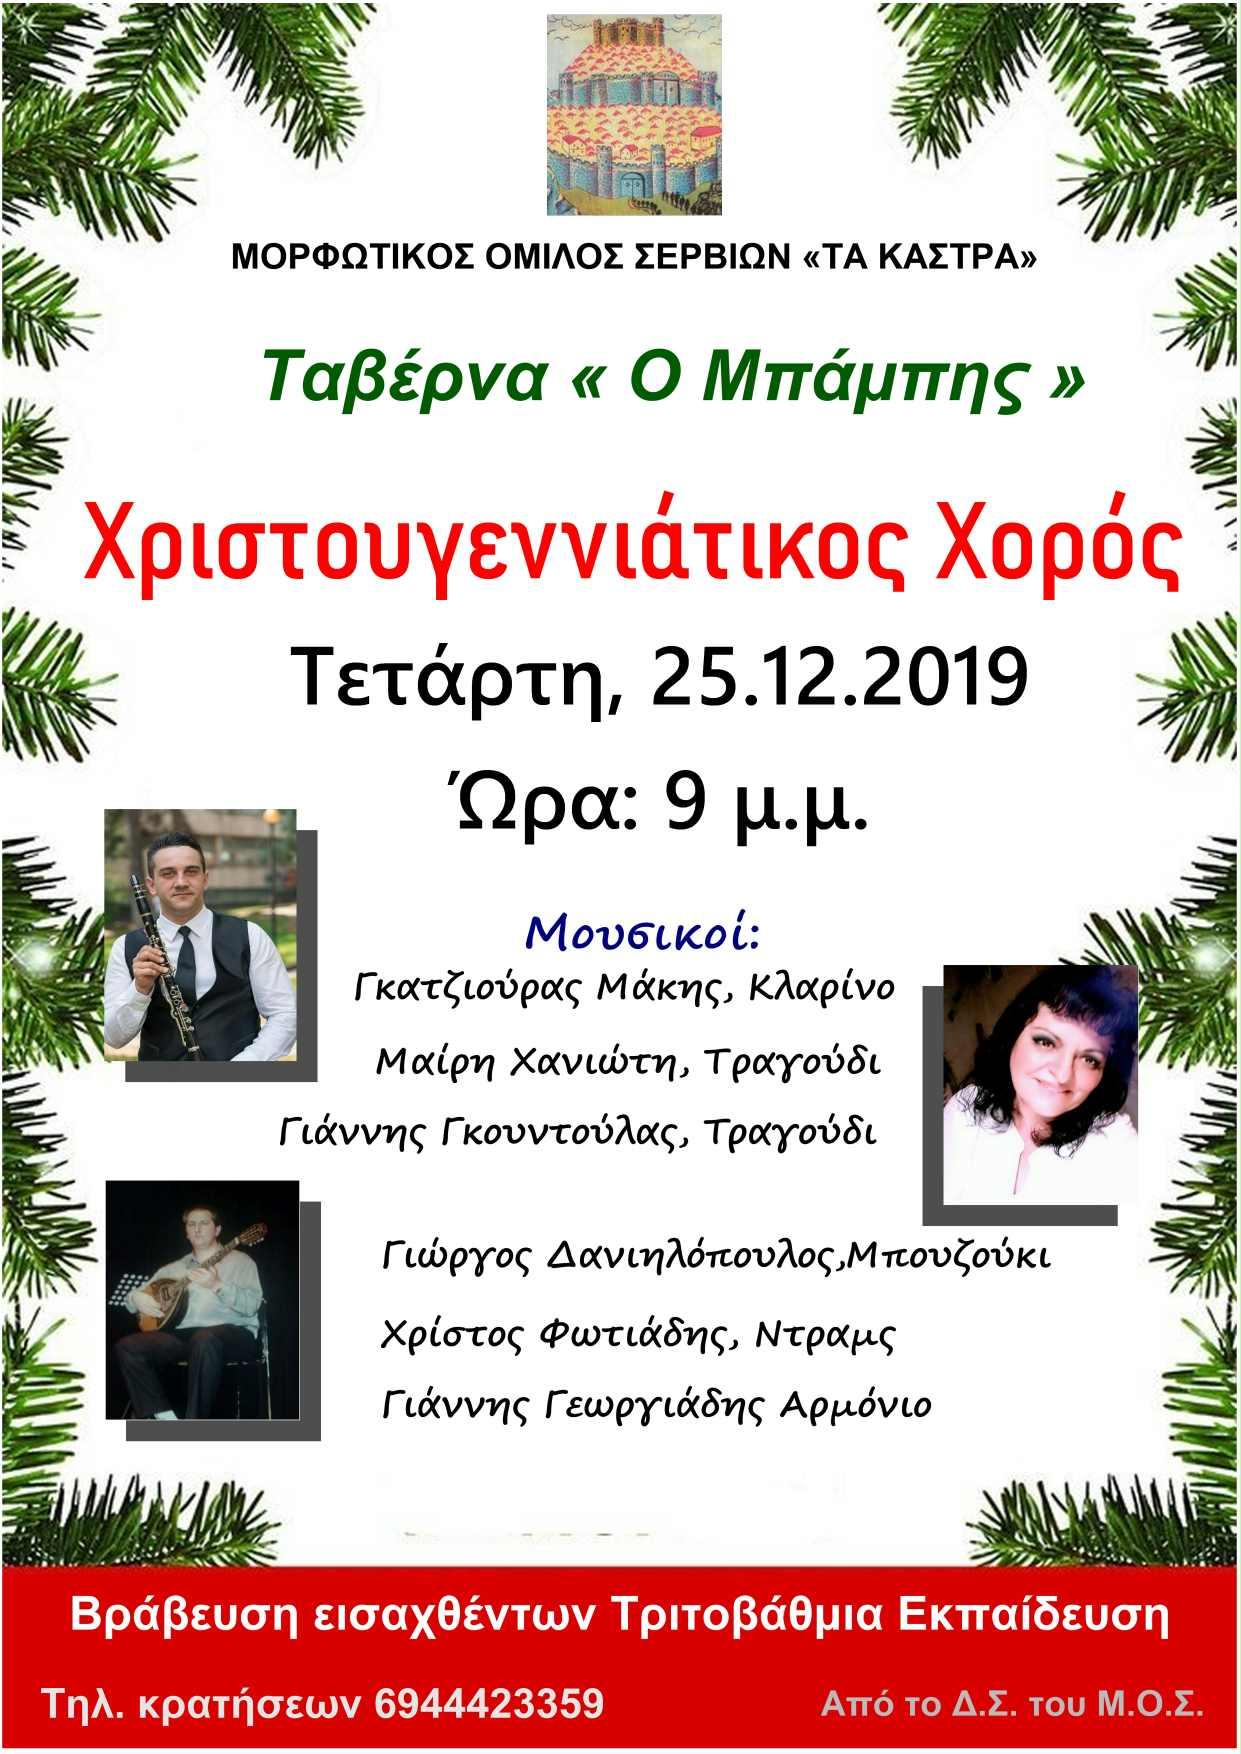 Χριστουγεννιάτικος χορός Mορφωτικού Oμίλου Σερβίων  την Τετάρτη 25 Δεκεμβρίου